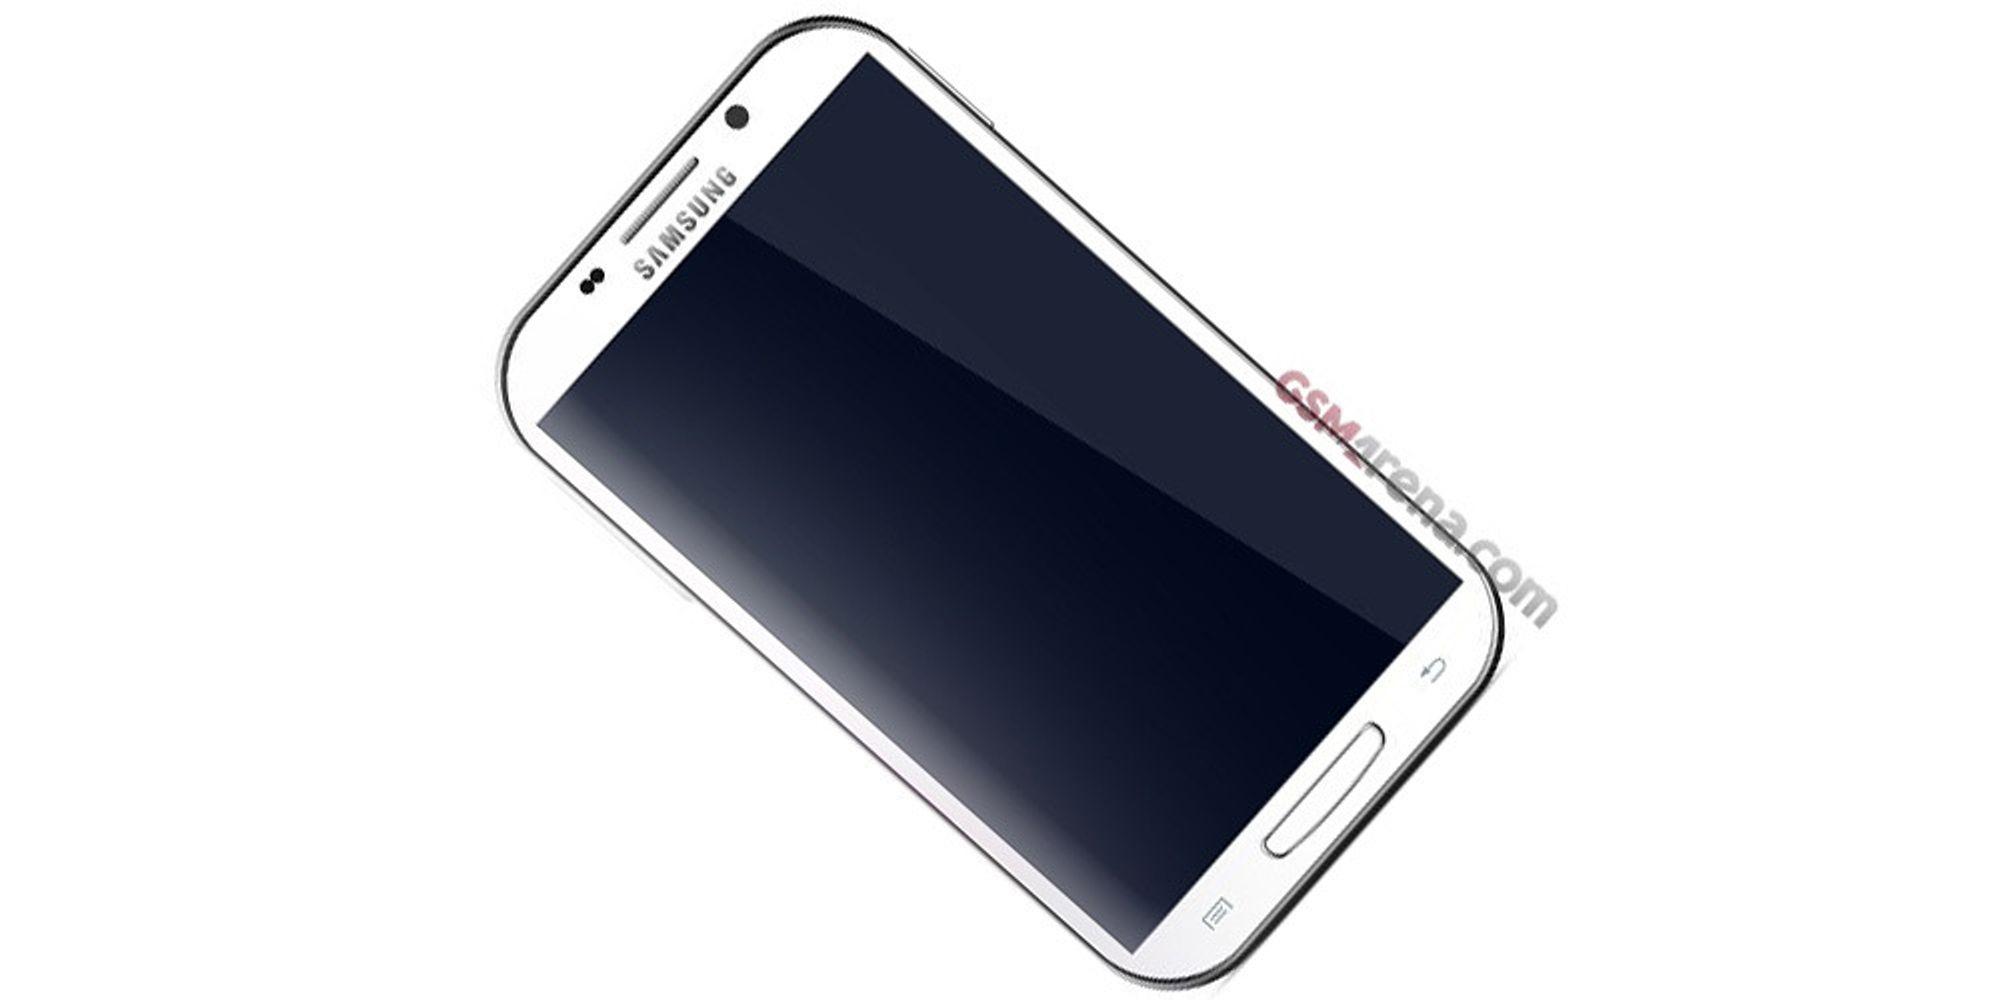 Er dette Galaxy Note II?